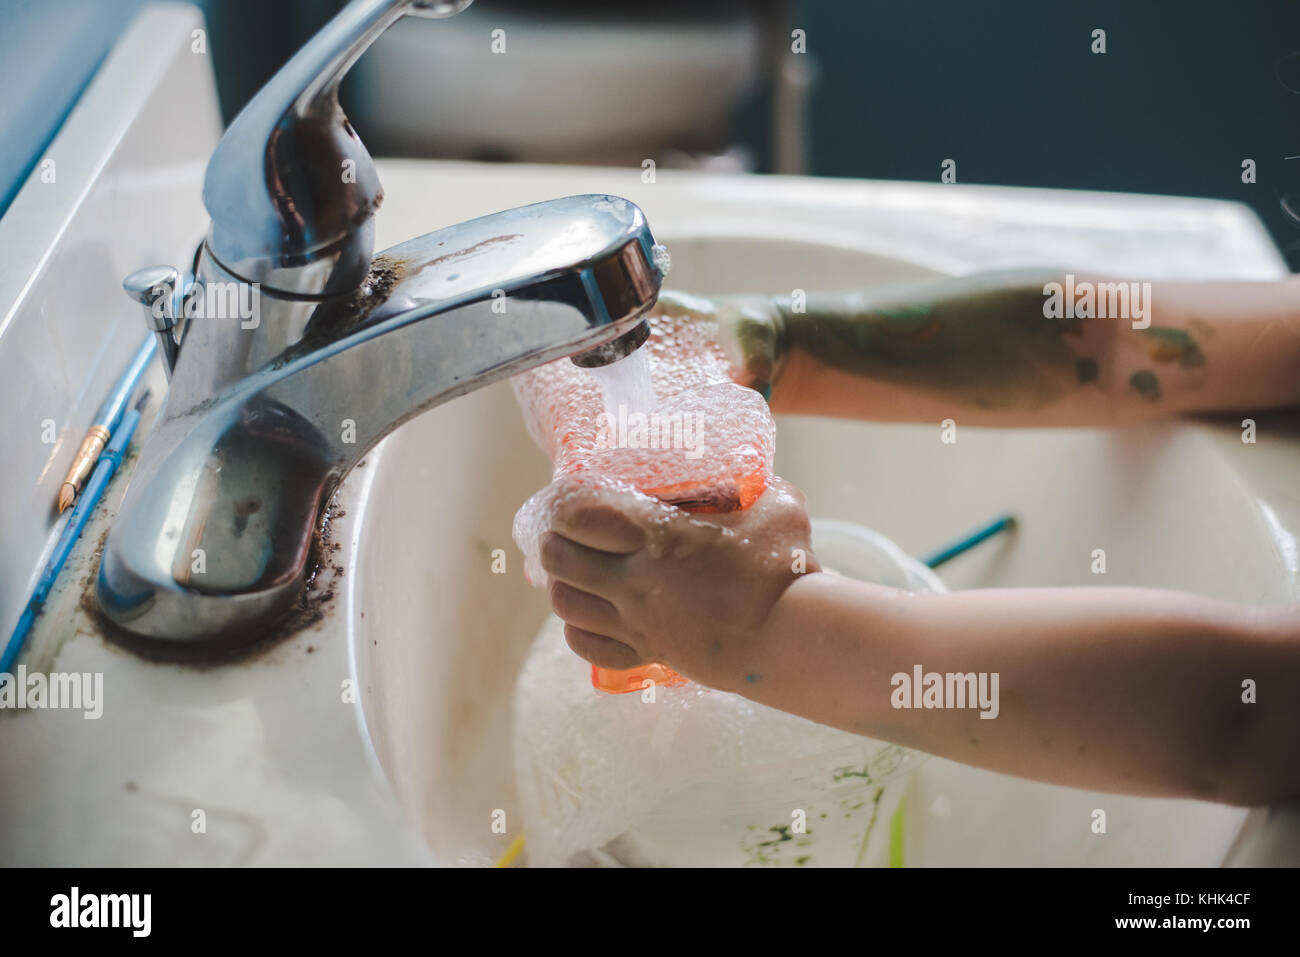 Un niño niña pintura lavado las manos en un lavabo del baño. Imagen De Stock